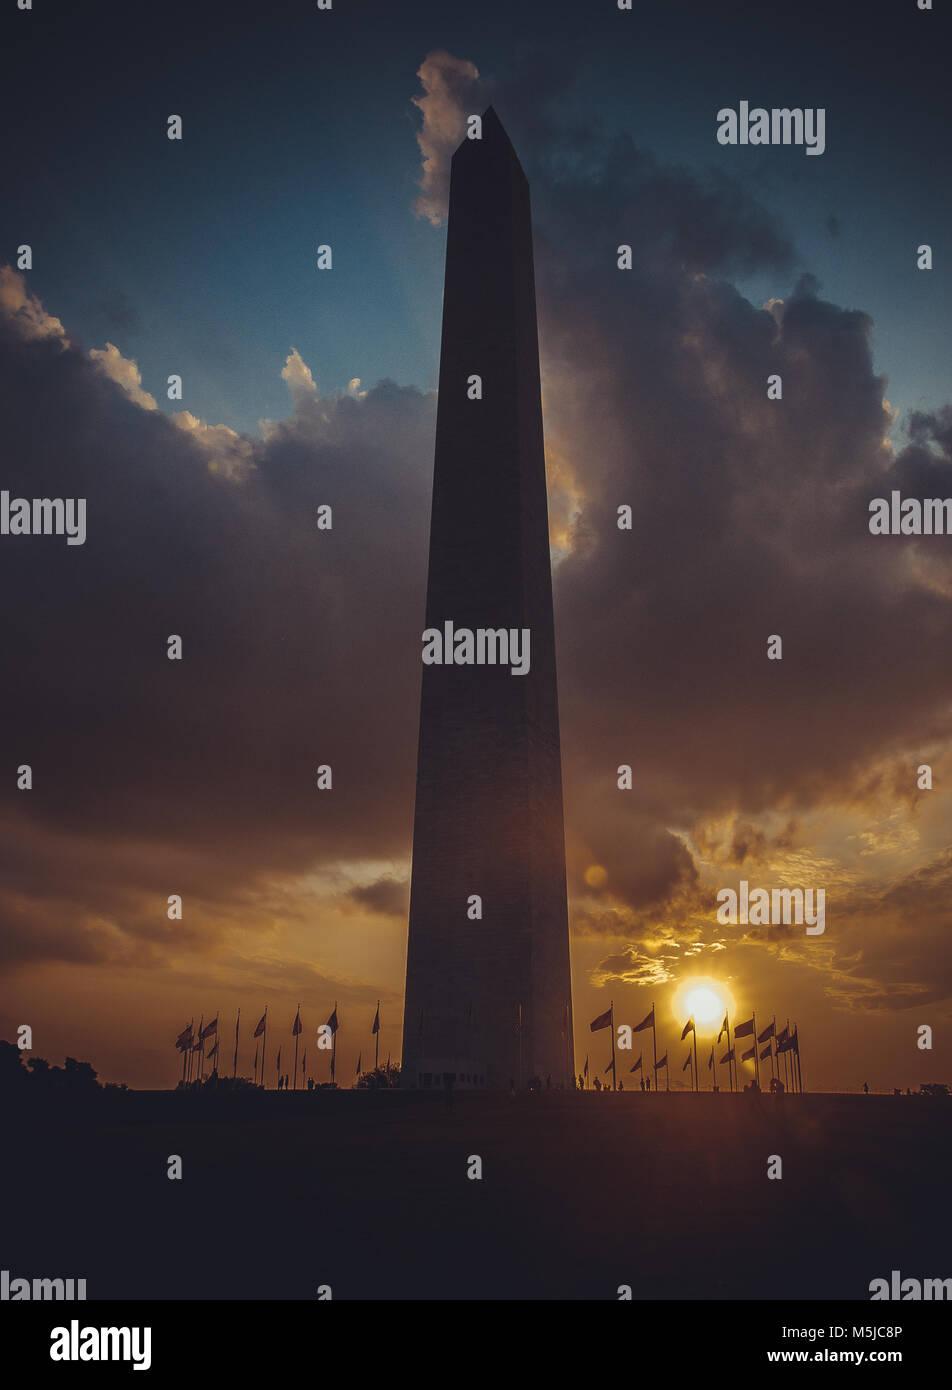 Il Monumento a Washington al Cielo di tramonto, DC, Stati Uniti d'America, l'immagine verticale Immagini Stock